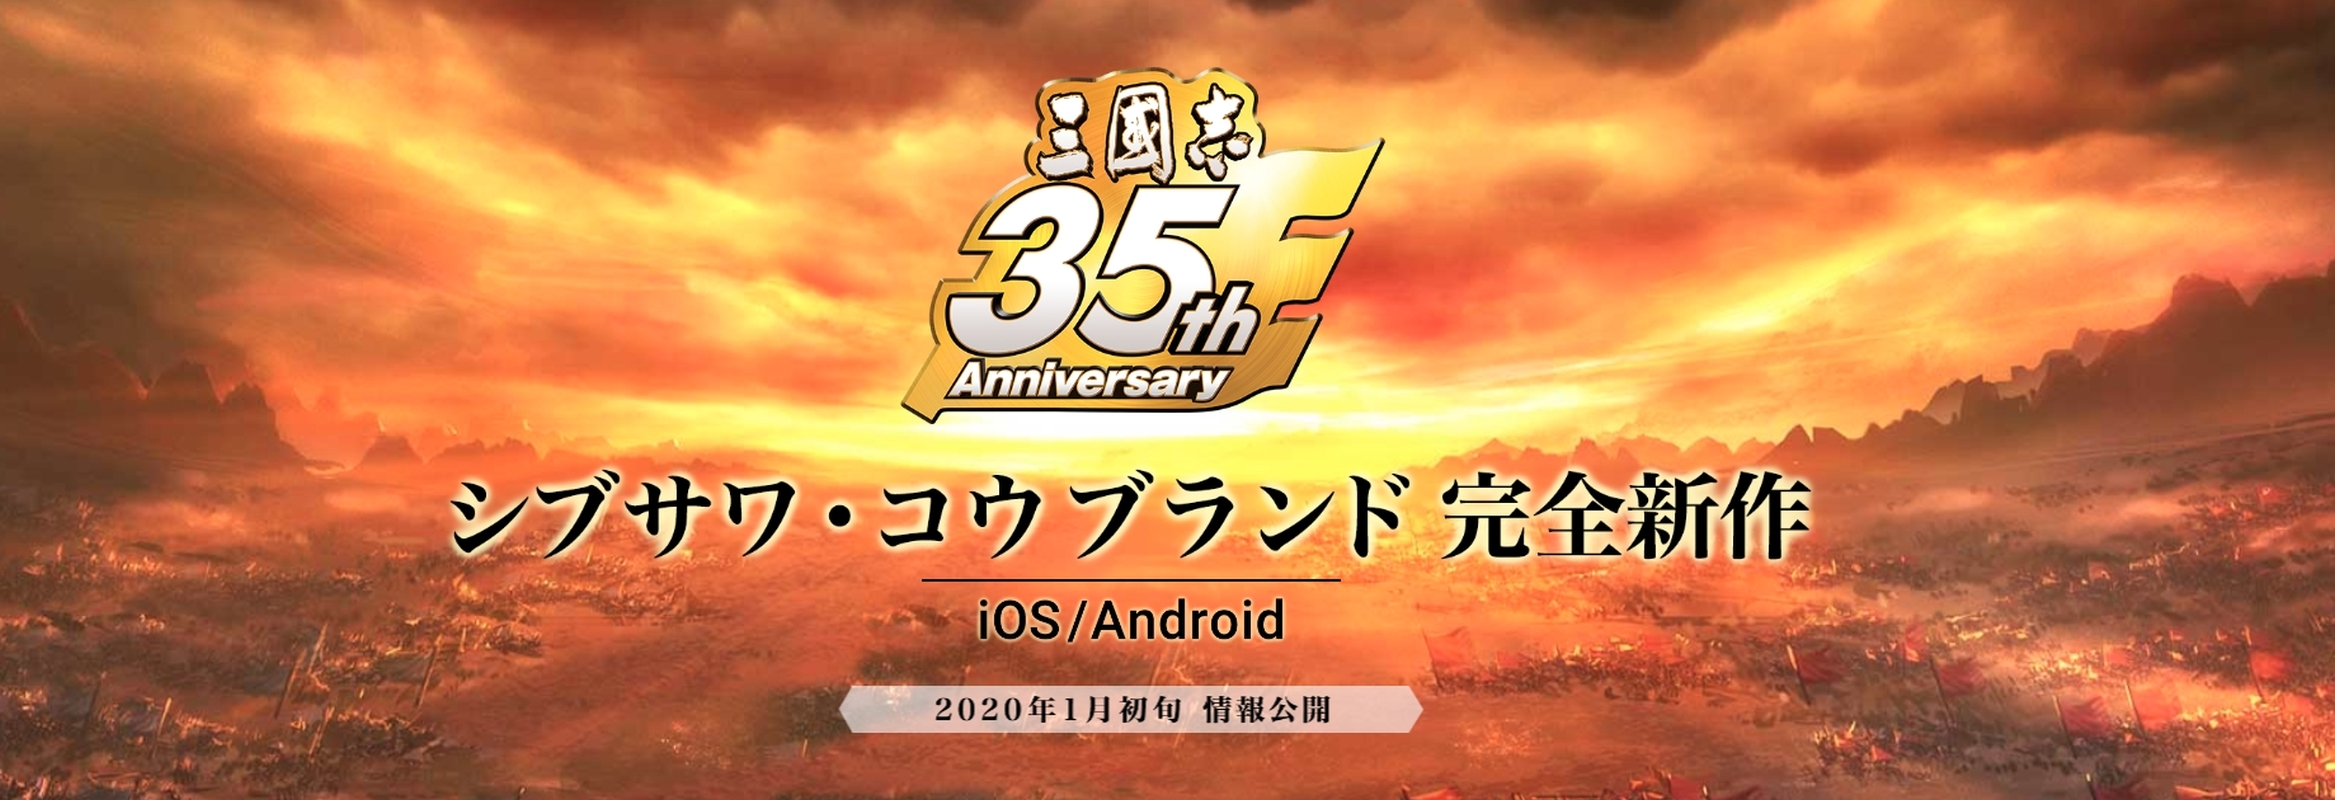 Koei Tecmo Announces Romance of the Three Kingdoms Mobile Game